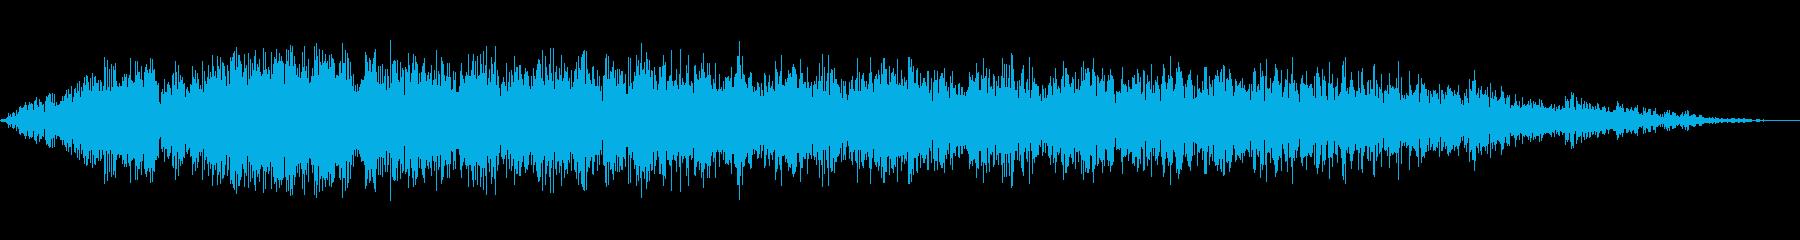 ホローシンセディスソルブ3の再生済みの波形